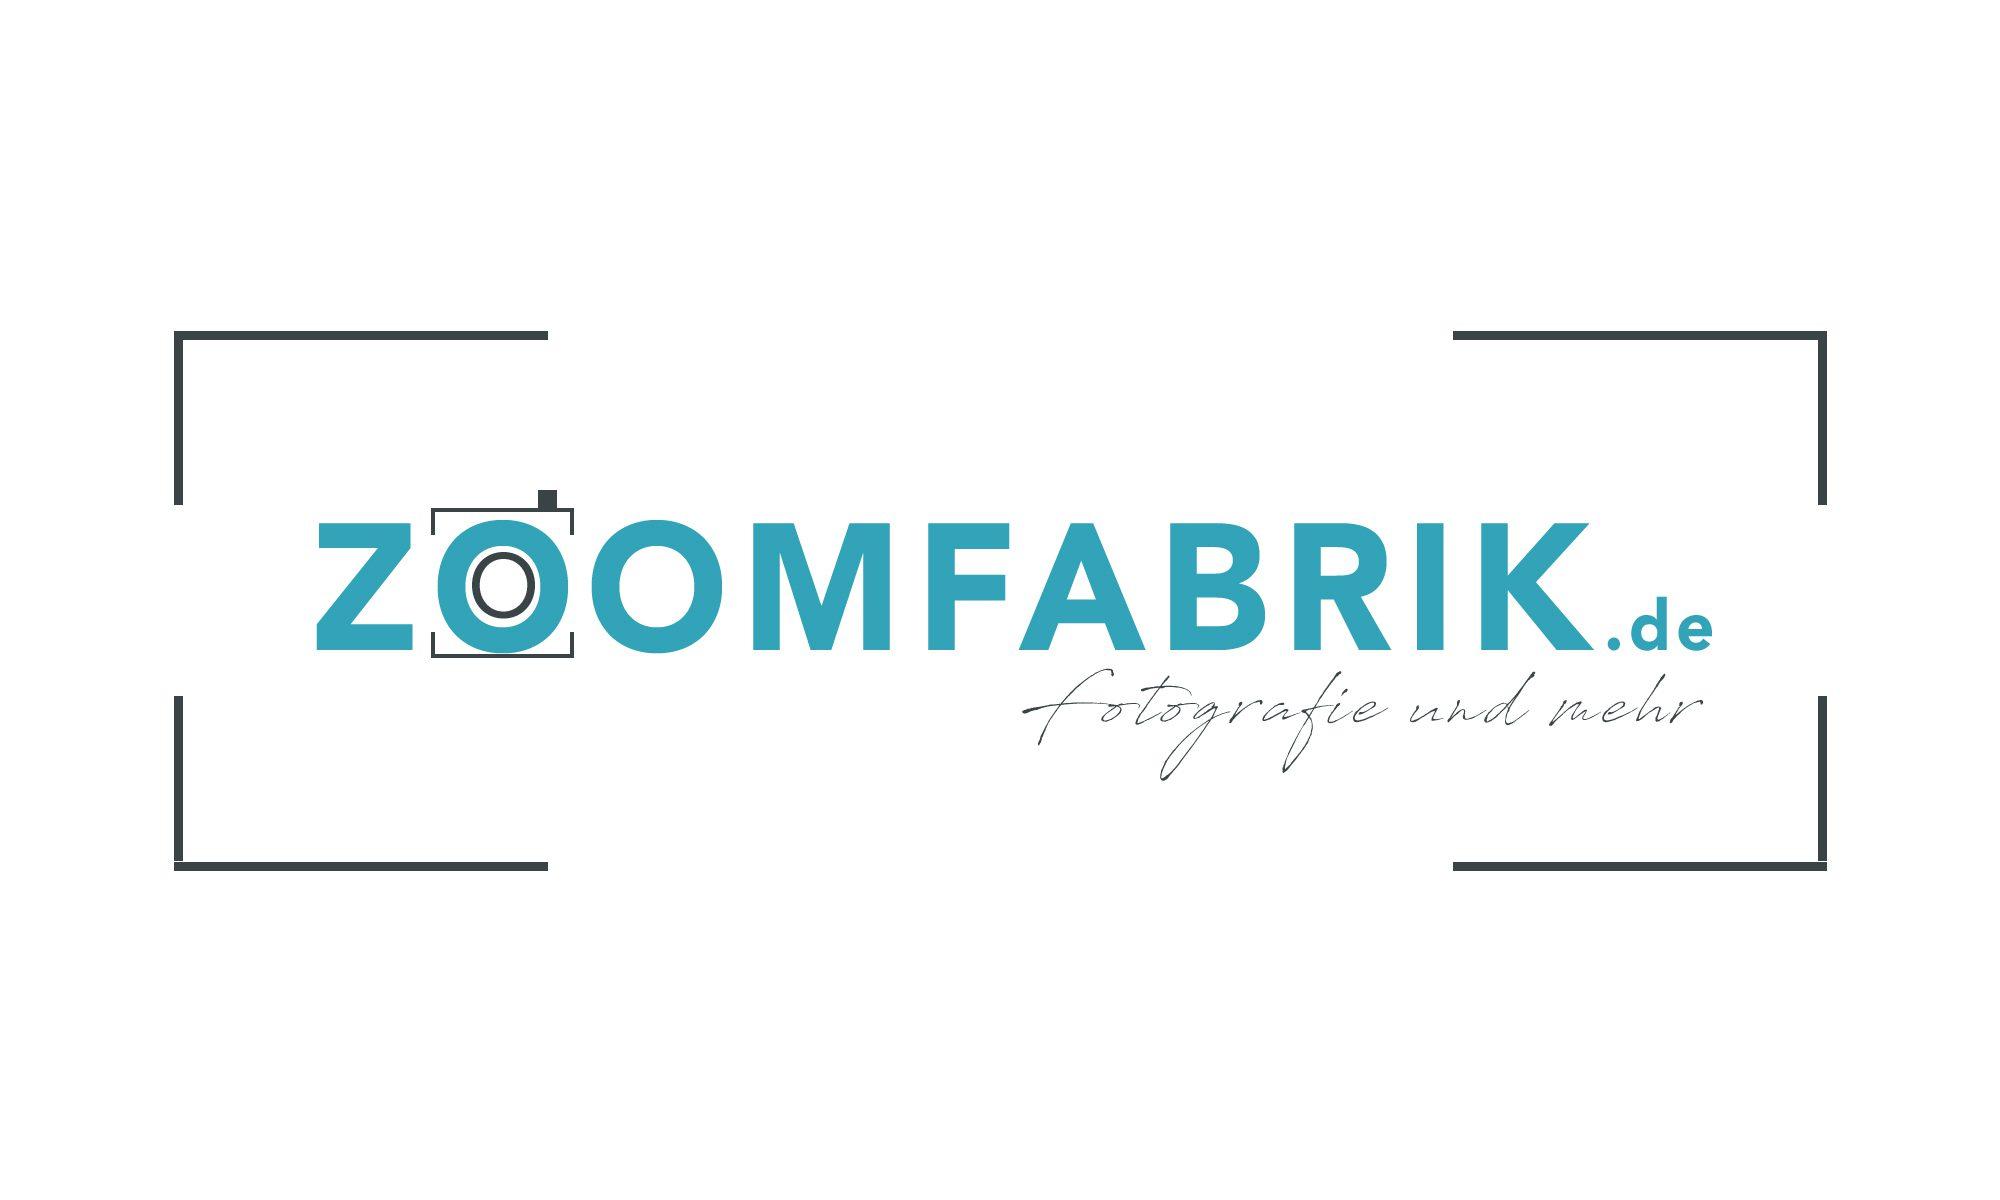 zoomfabrik.de